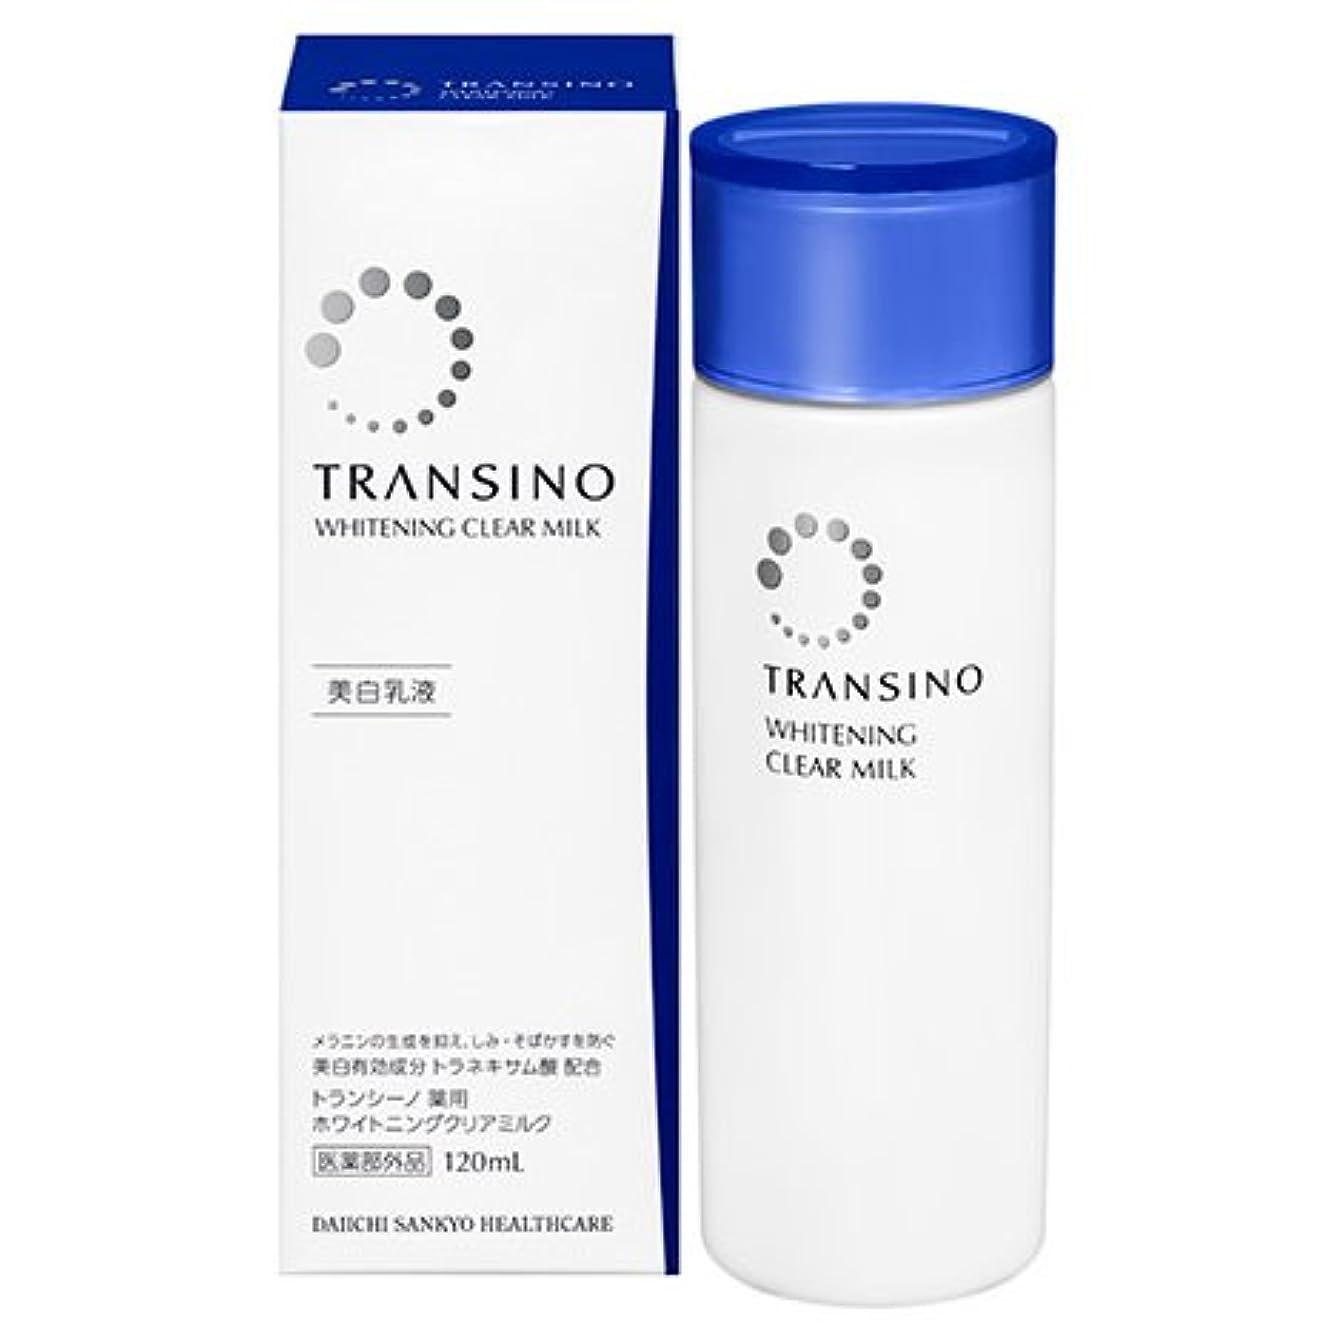 医療の海里溶かすトランシーノ 薬用ホワイトニングクリアミルク 120ml [並行輸入品]